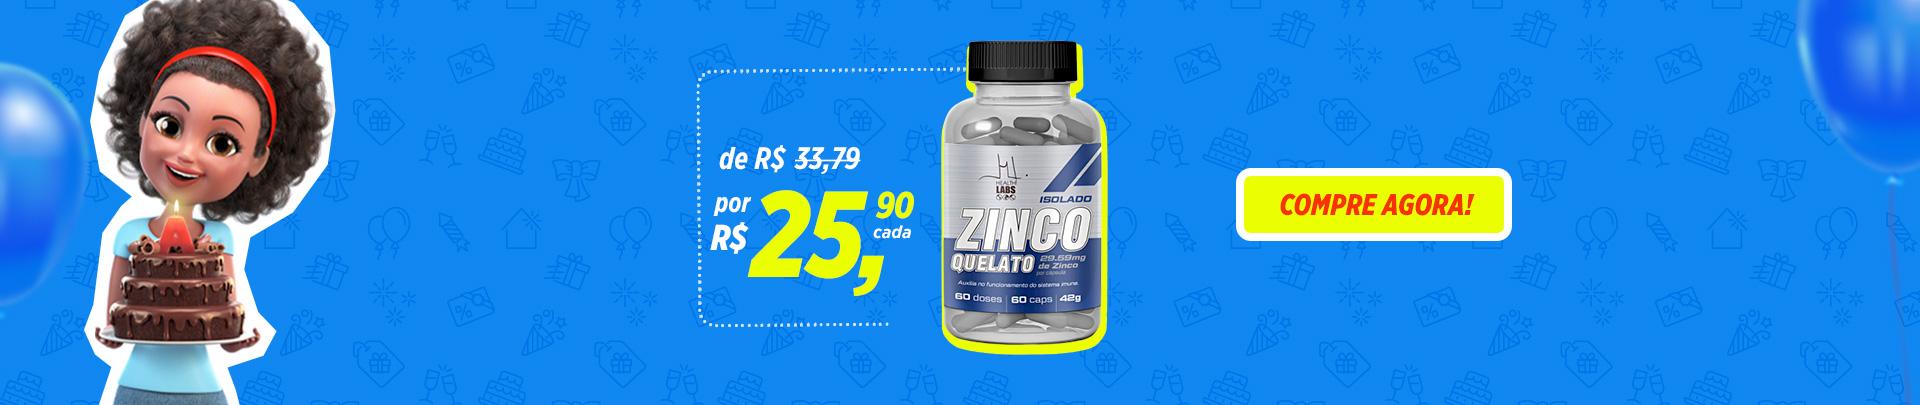 Aniversario_Medicamentos3